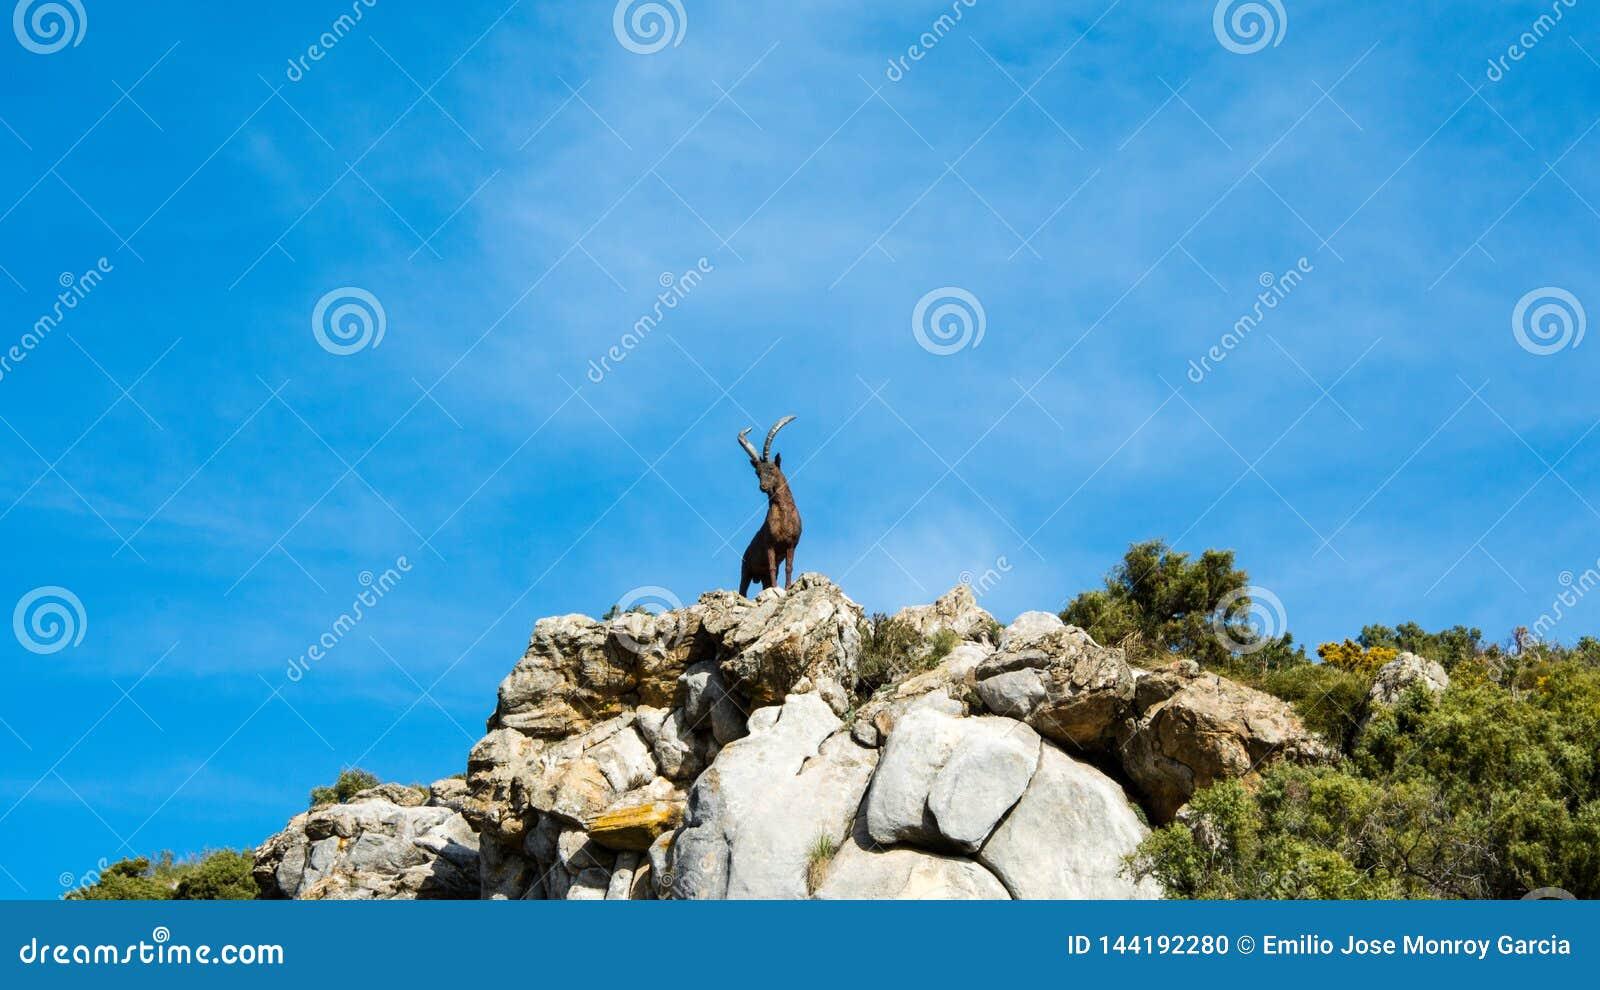 Statue de chèvre dans une montagne à Marbella